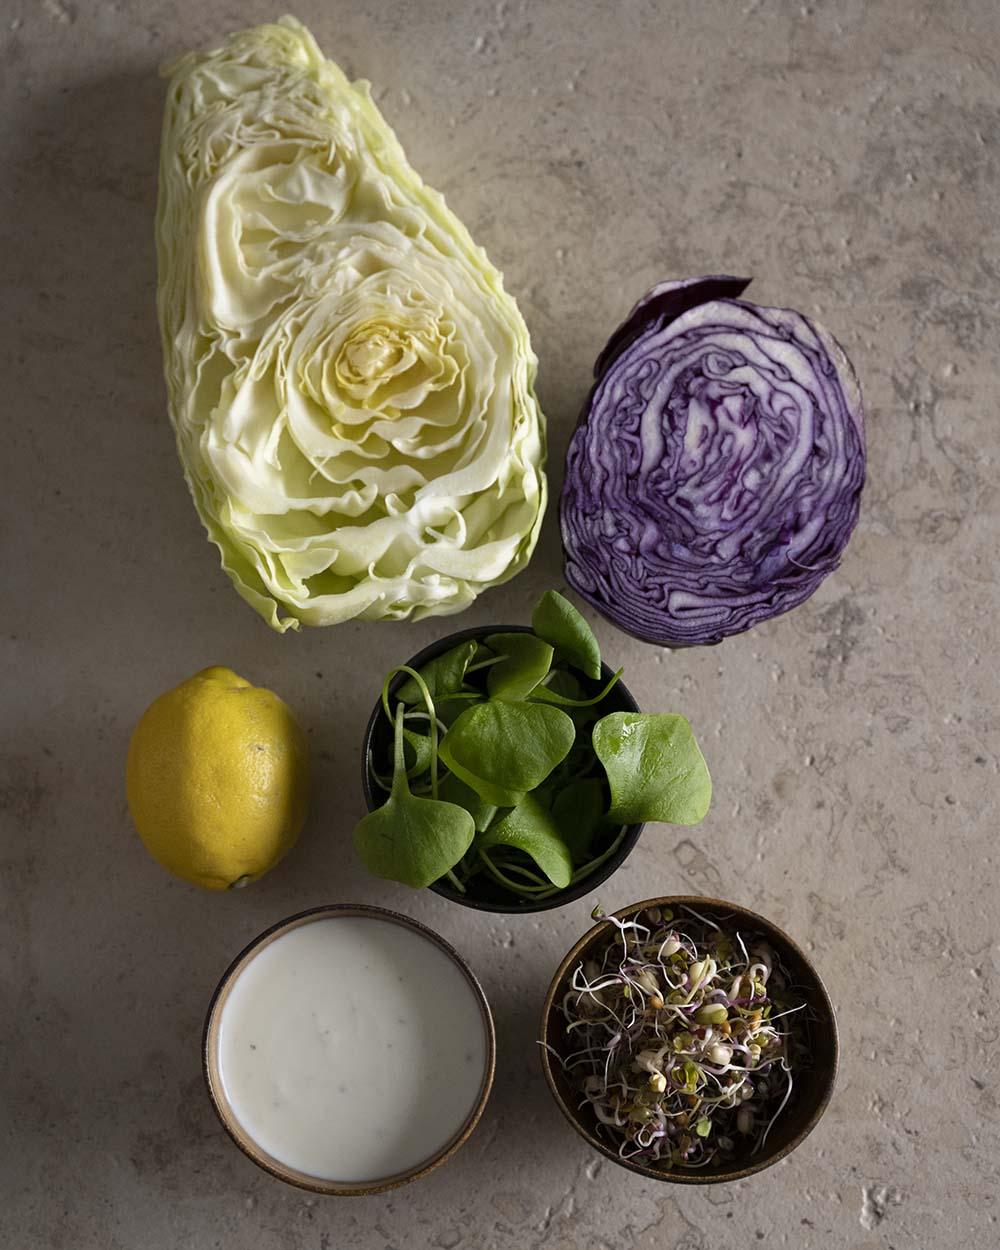 Zutaten für die vegetarische Füllung, die wir in unser Fladenbrot geben. Auf dem Bild zu sehen sind eine Zitrone für das Dressing, das Dressing, Sprossen, Salat, Rotkohl und Weißkohl.